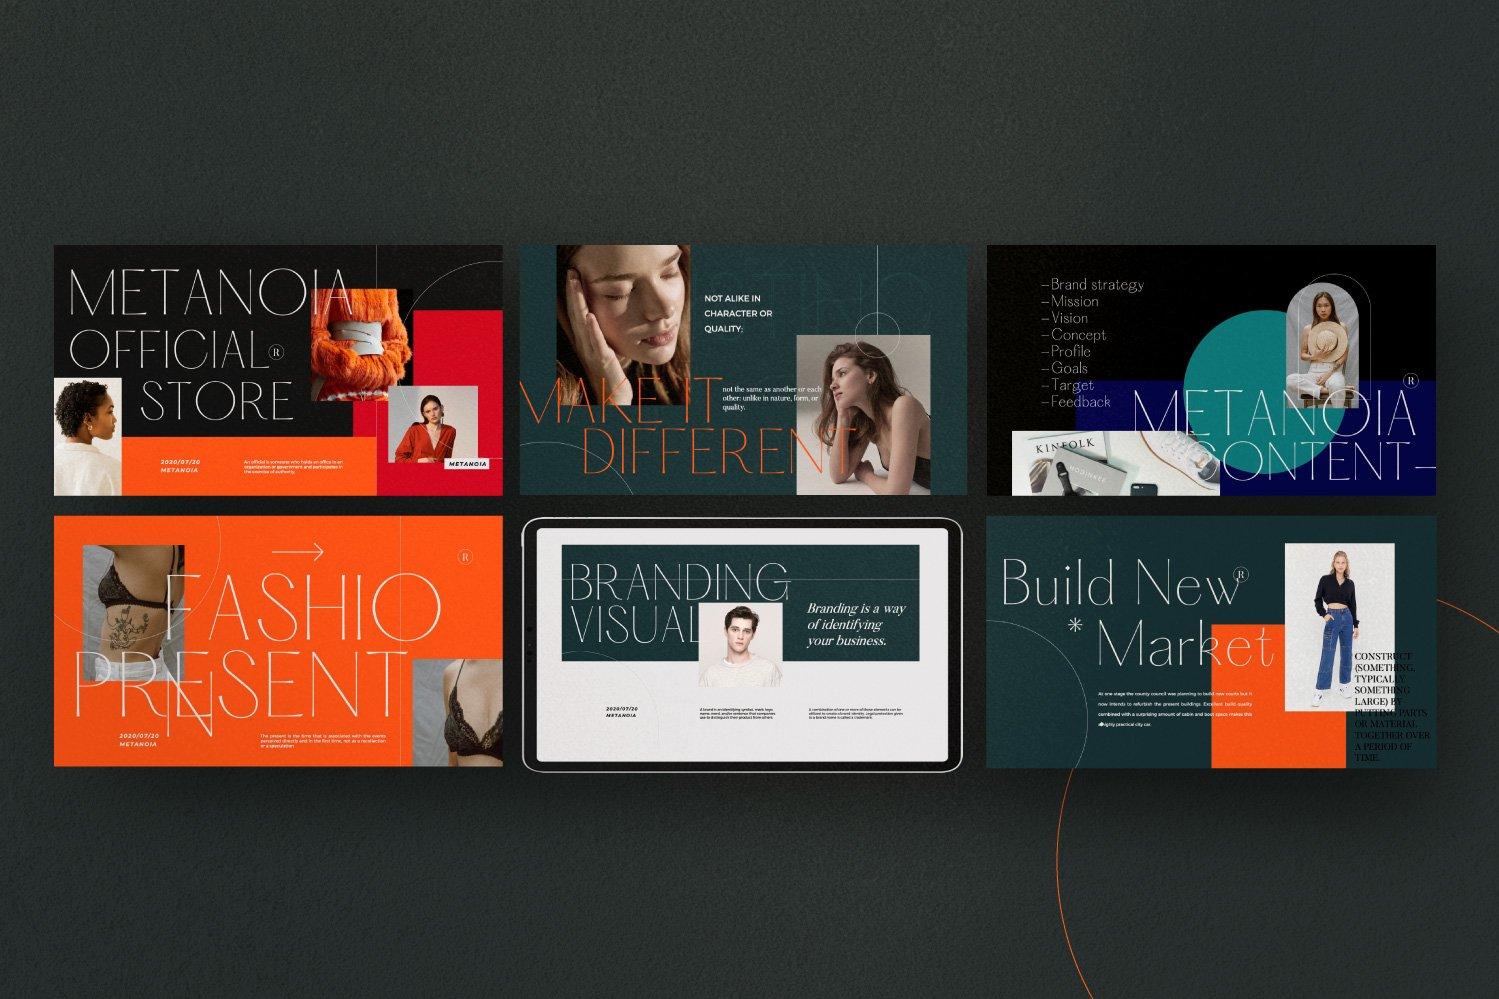 时尚潮流服装品牌摄影作品集幻灯片设计模板 Metanoia – Brand Fashion Powerpoint插图(8)